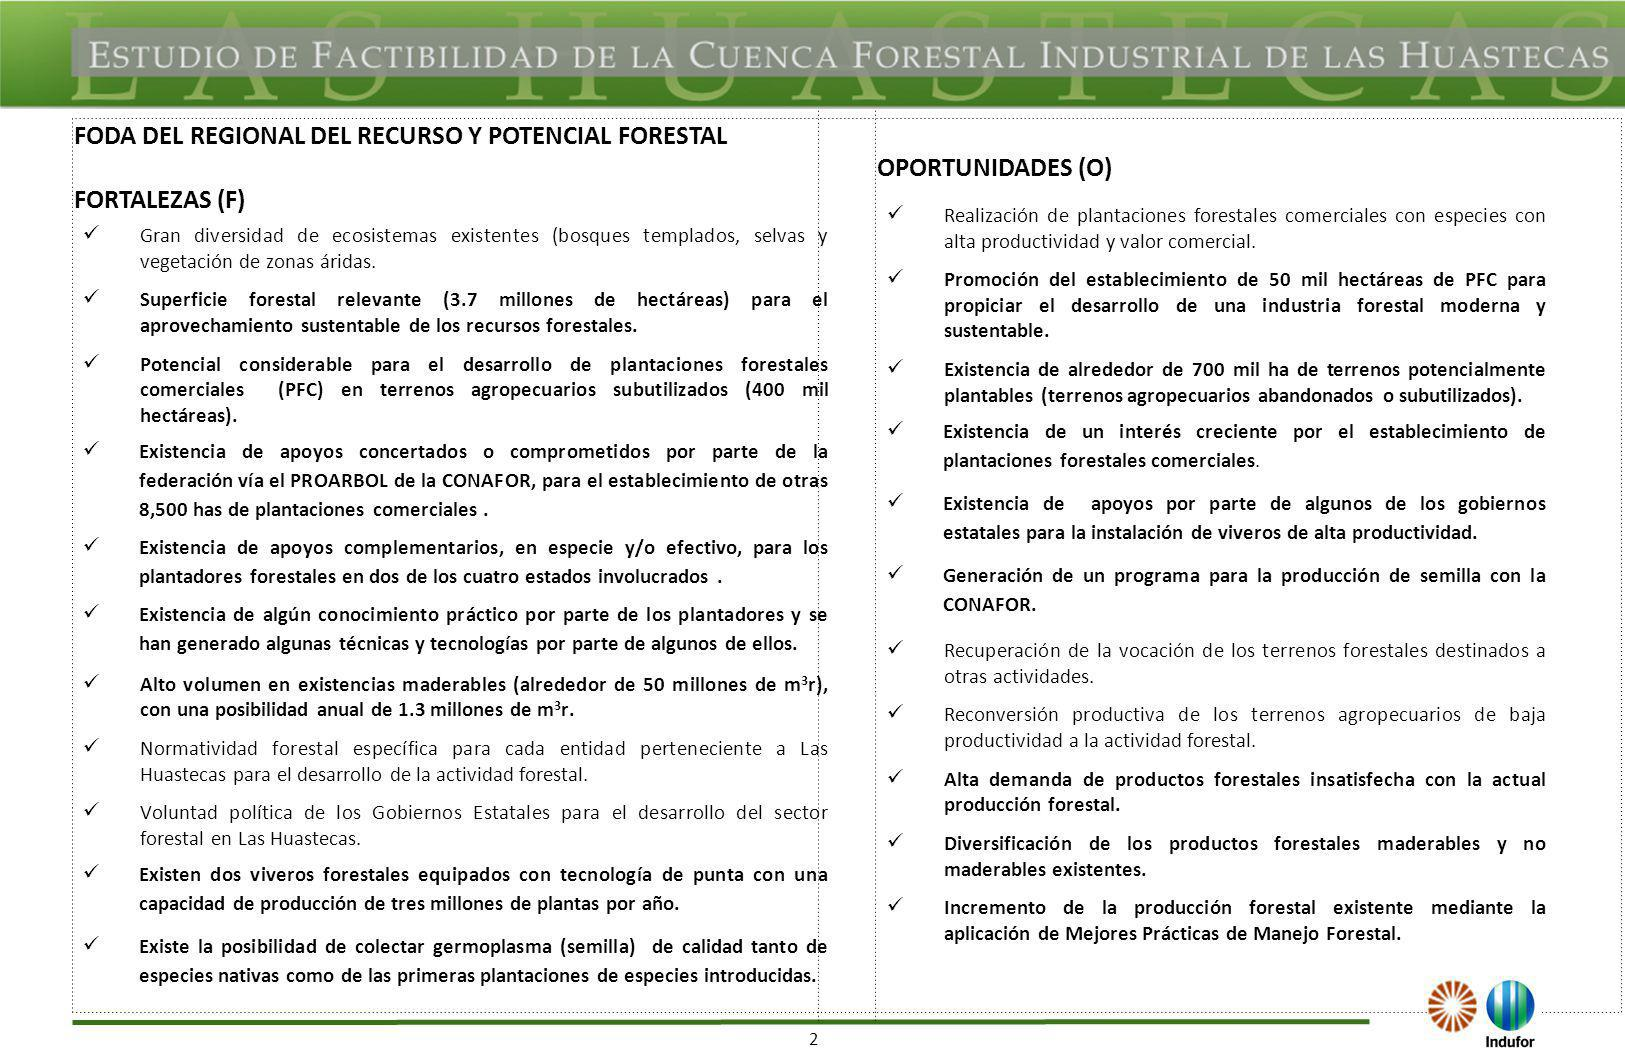 13 DEBILIDADES (D)AMENAZAS (A) Escasas obras de conservación y restauración de suelos.